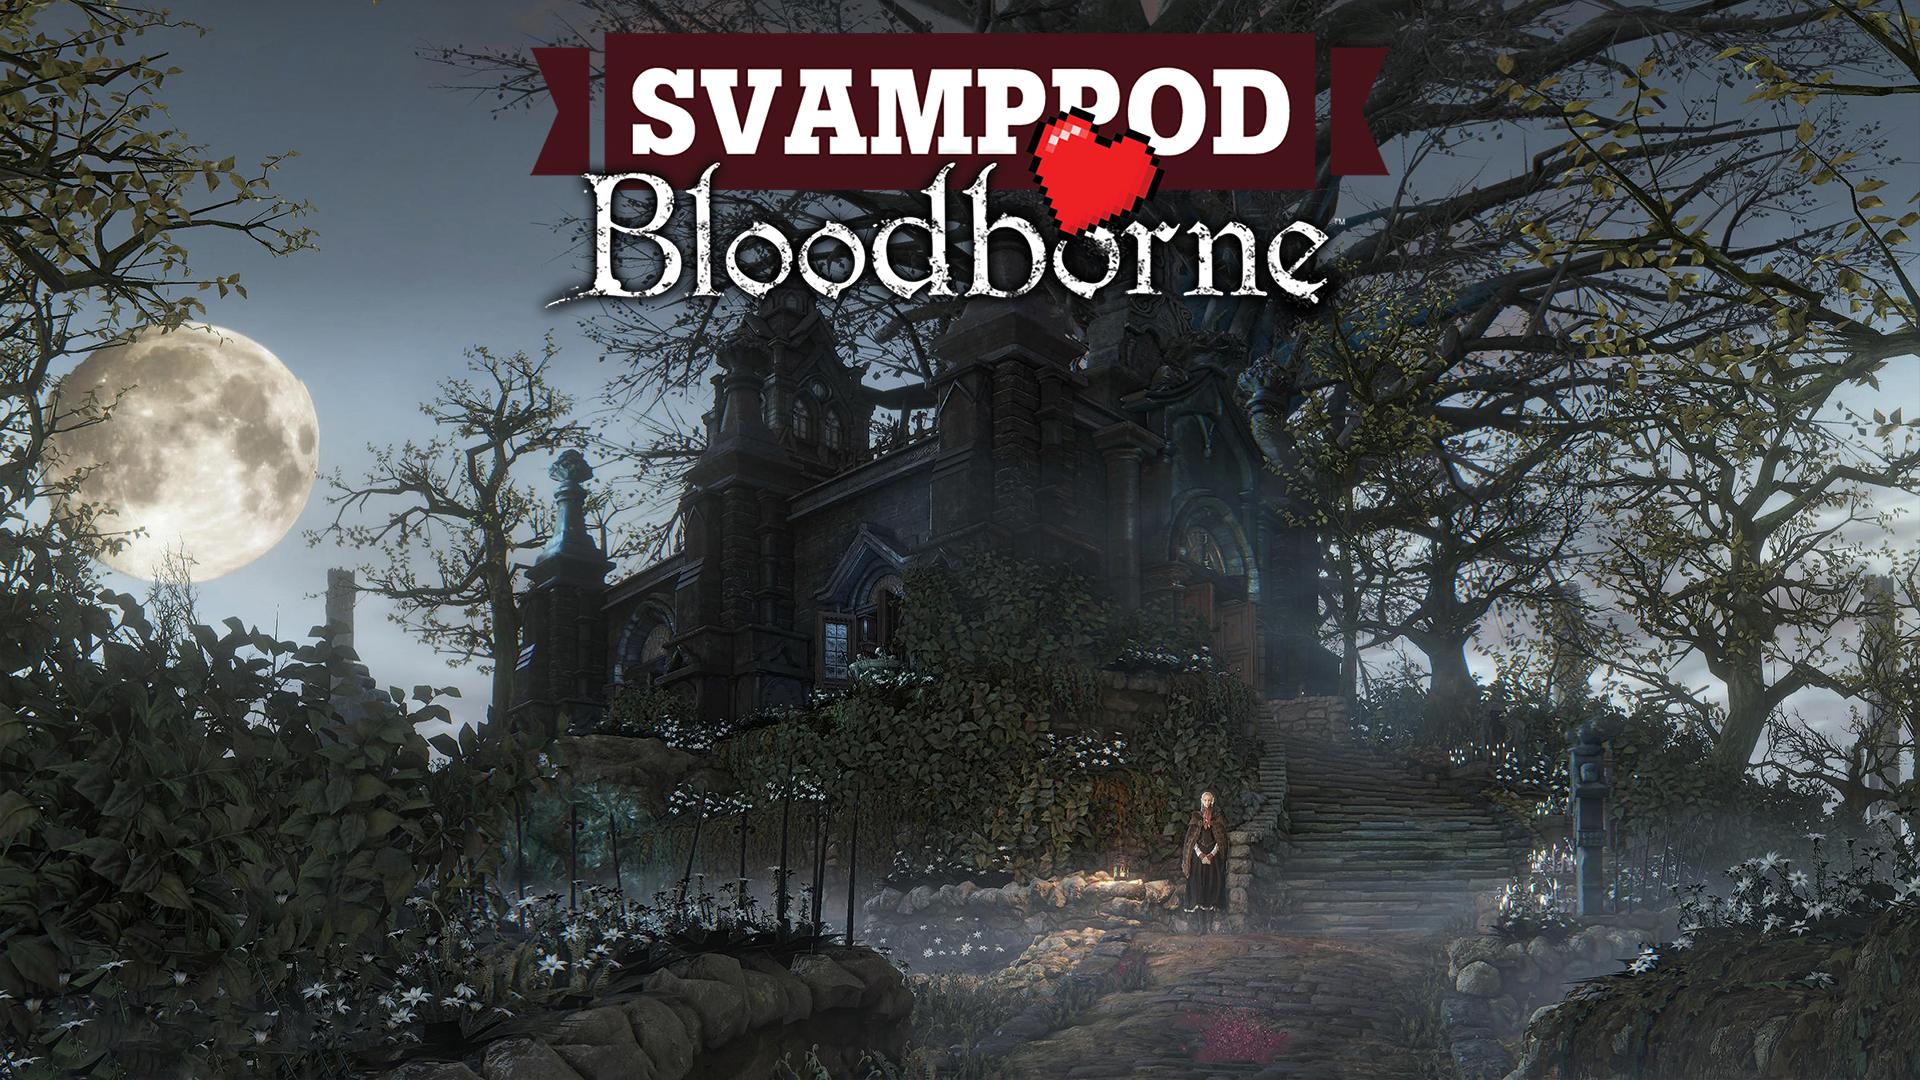 Svamppod hjärta Bloodborne: Avsnitt 6